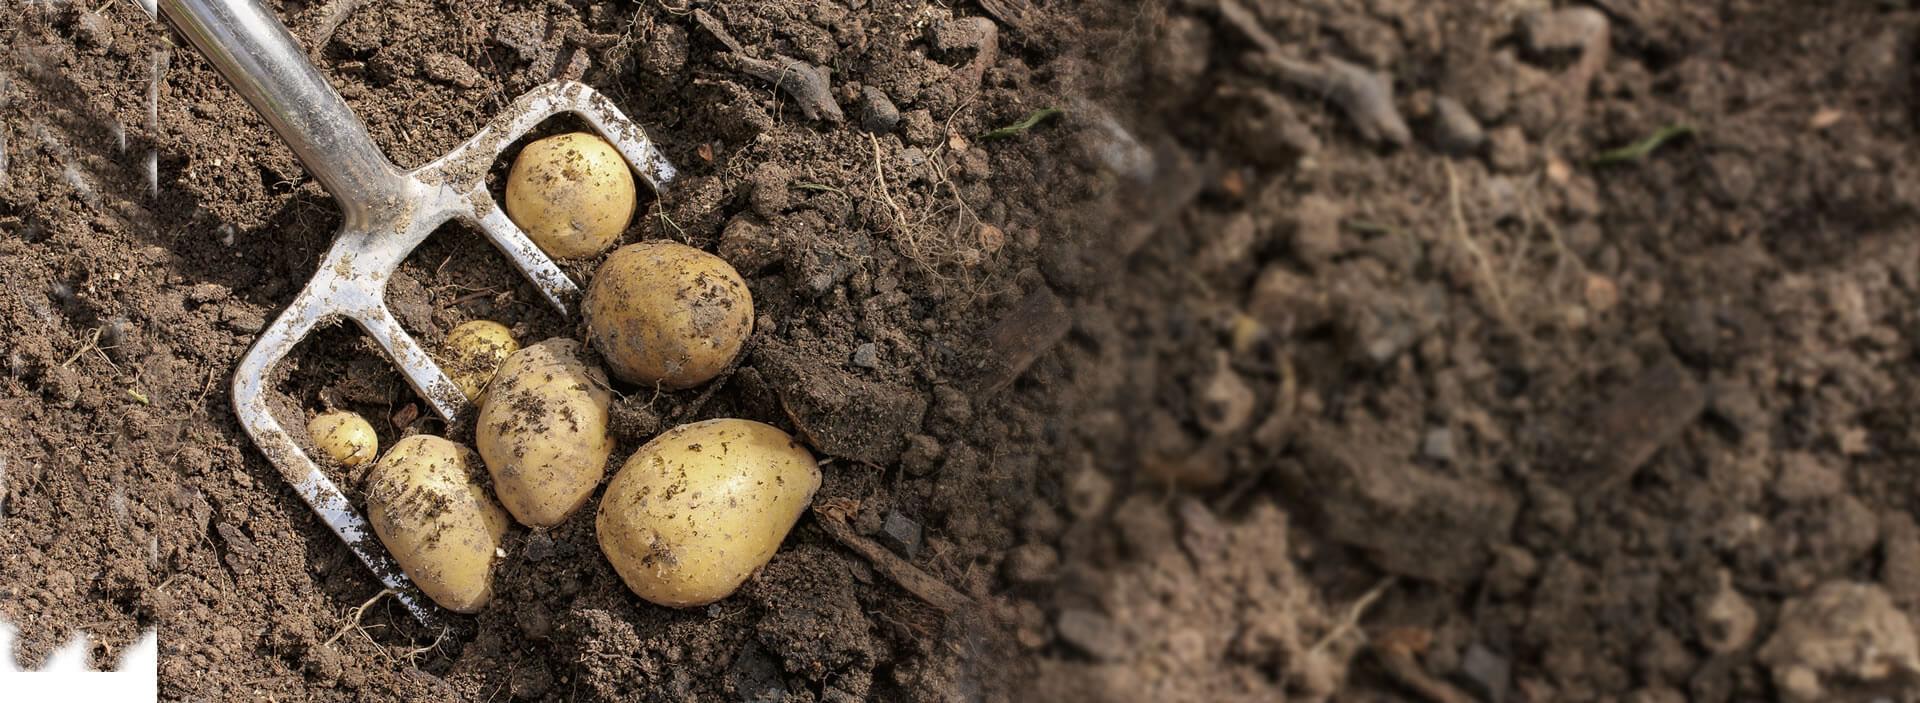 récolte pommes de terres